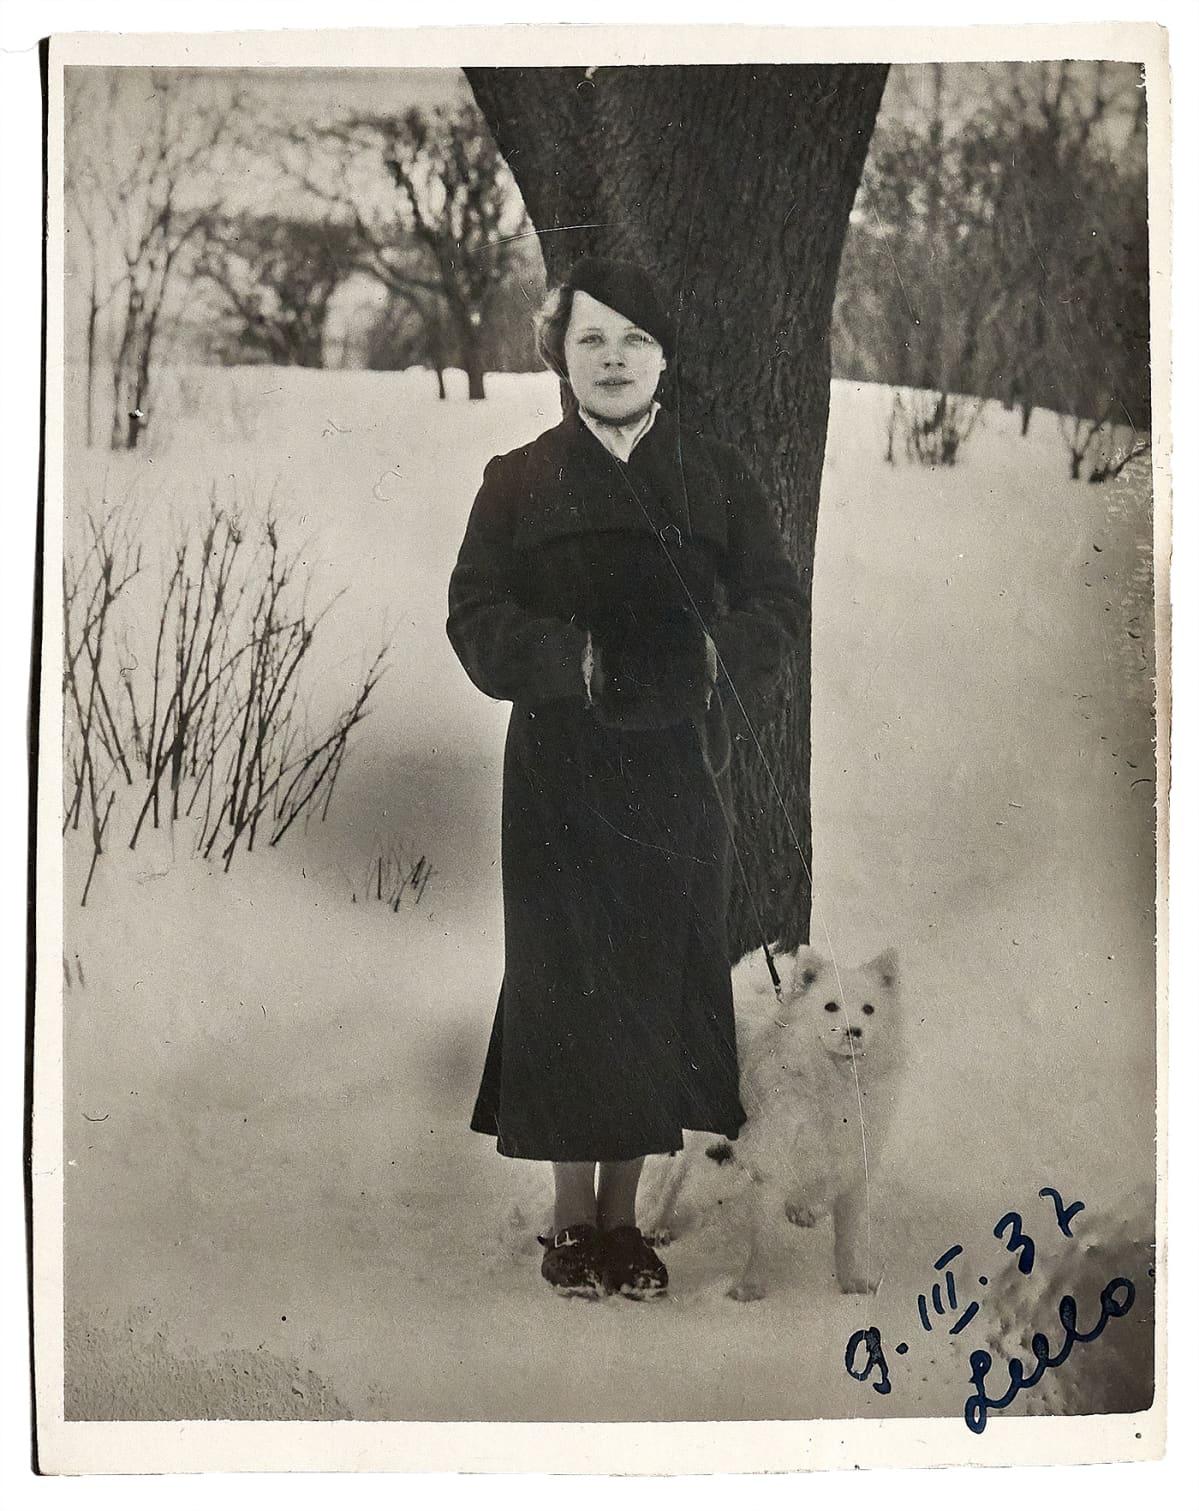 Nainen ja koira talvella puun alla.